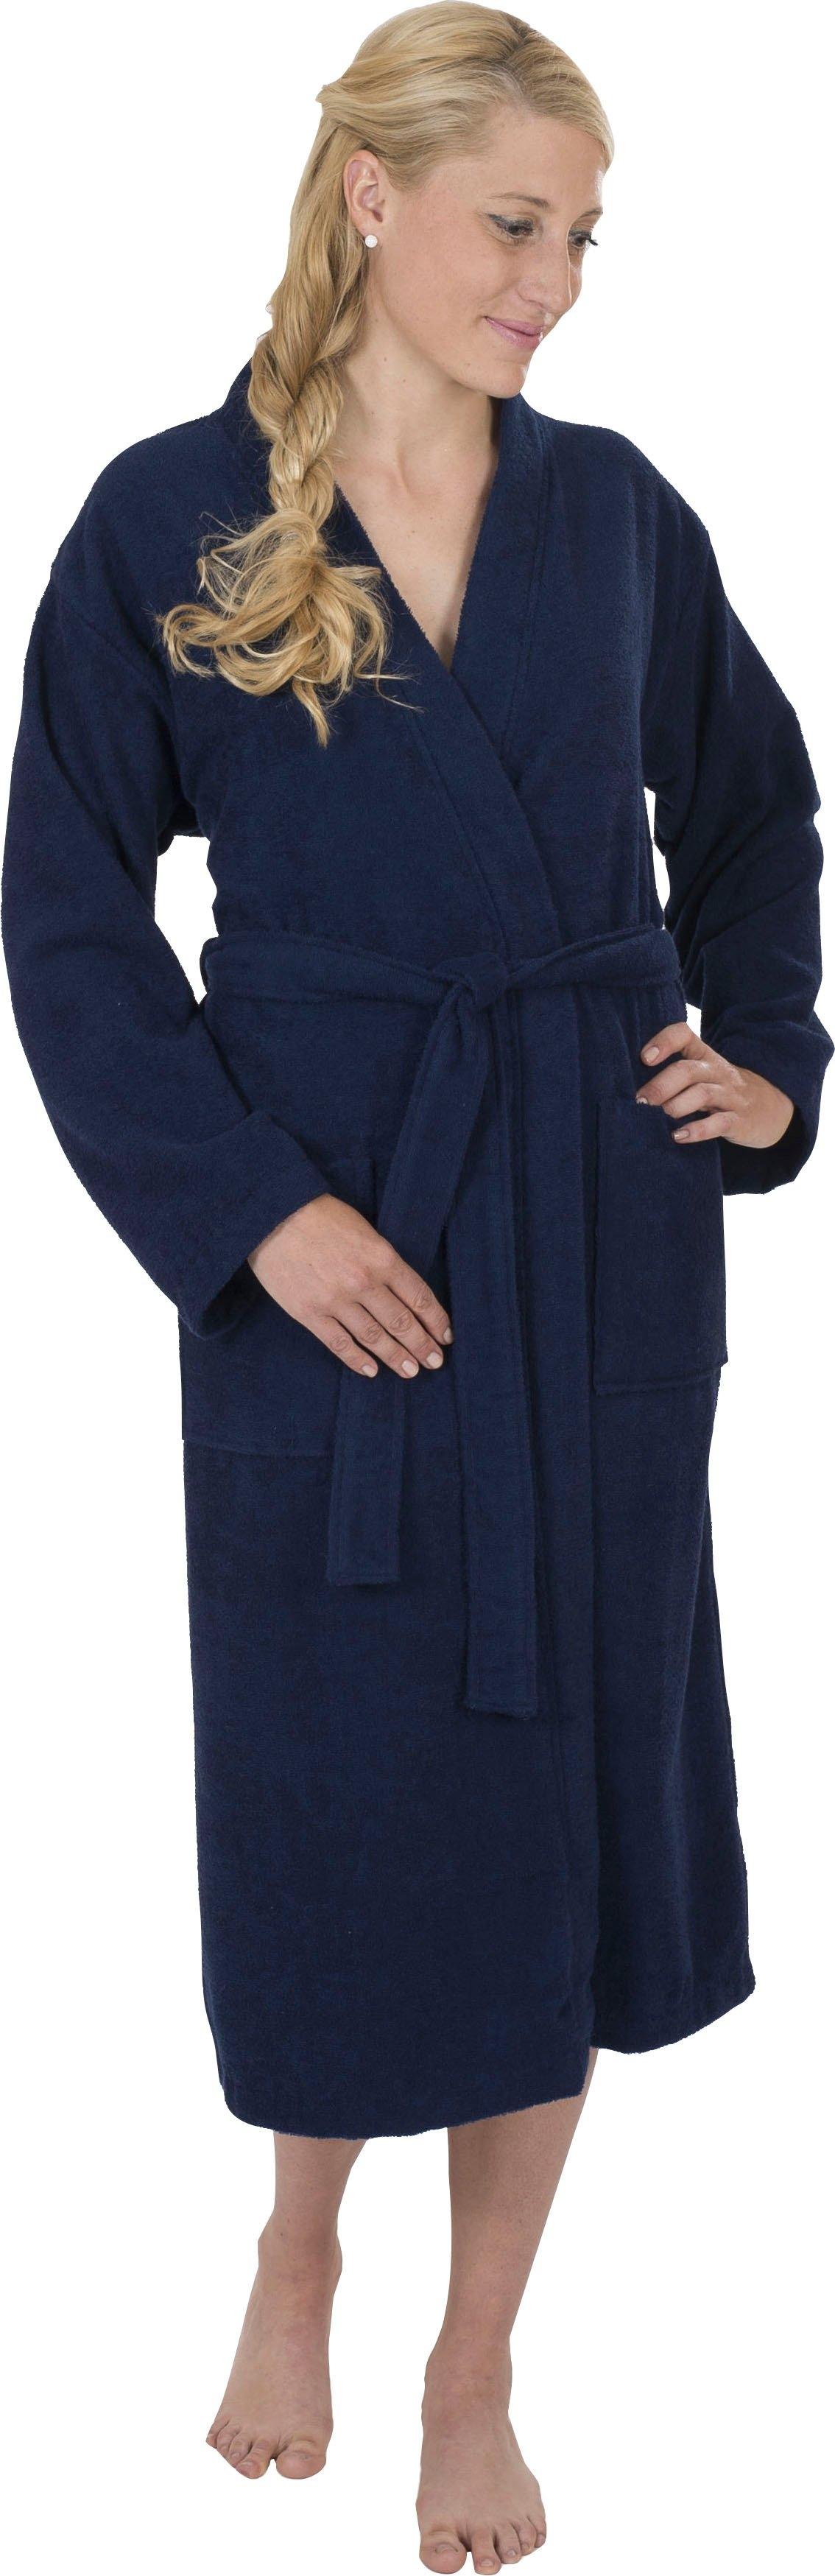 Wewo fashion uniseks badjas 3048 lichte badjas (1 stuk, Met riem) voordelig en veilig online kopen